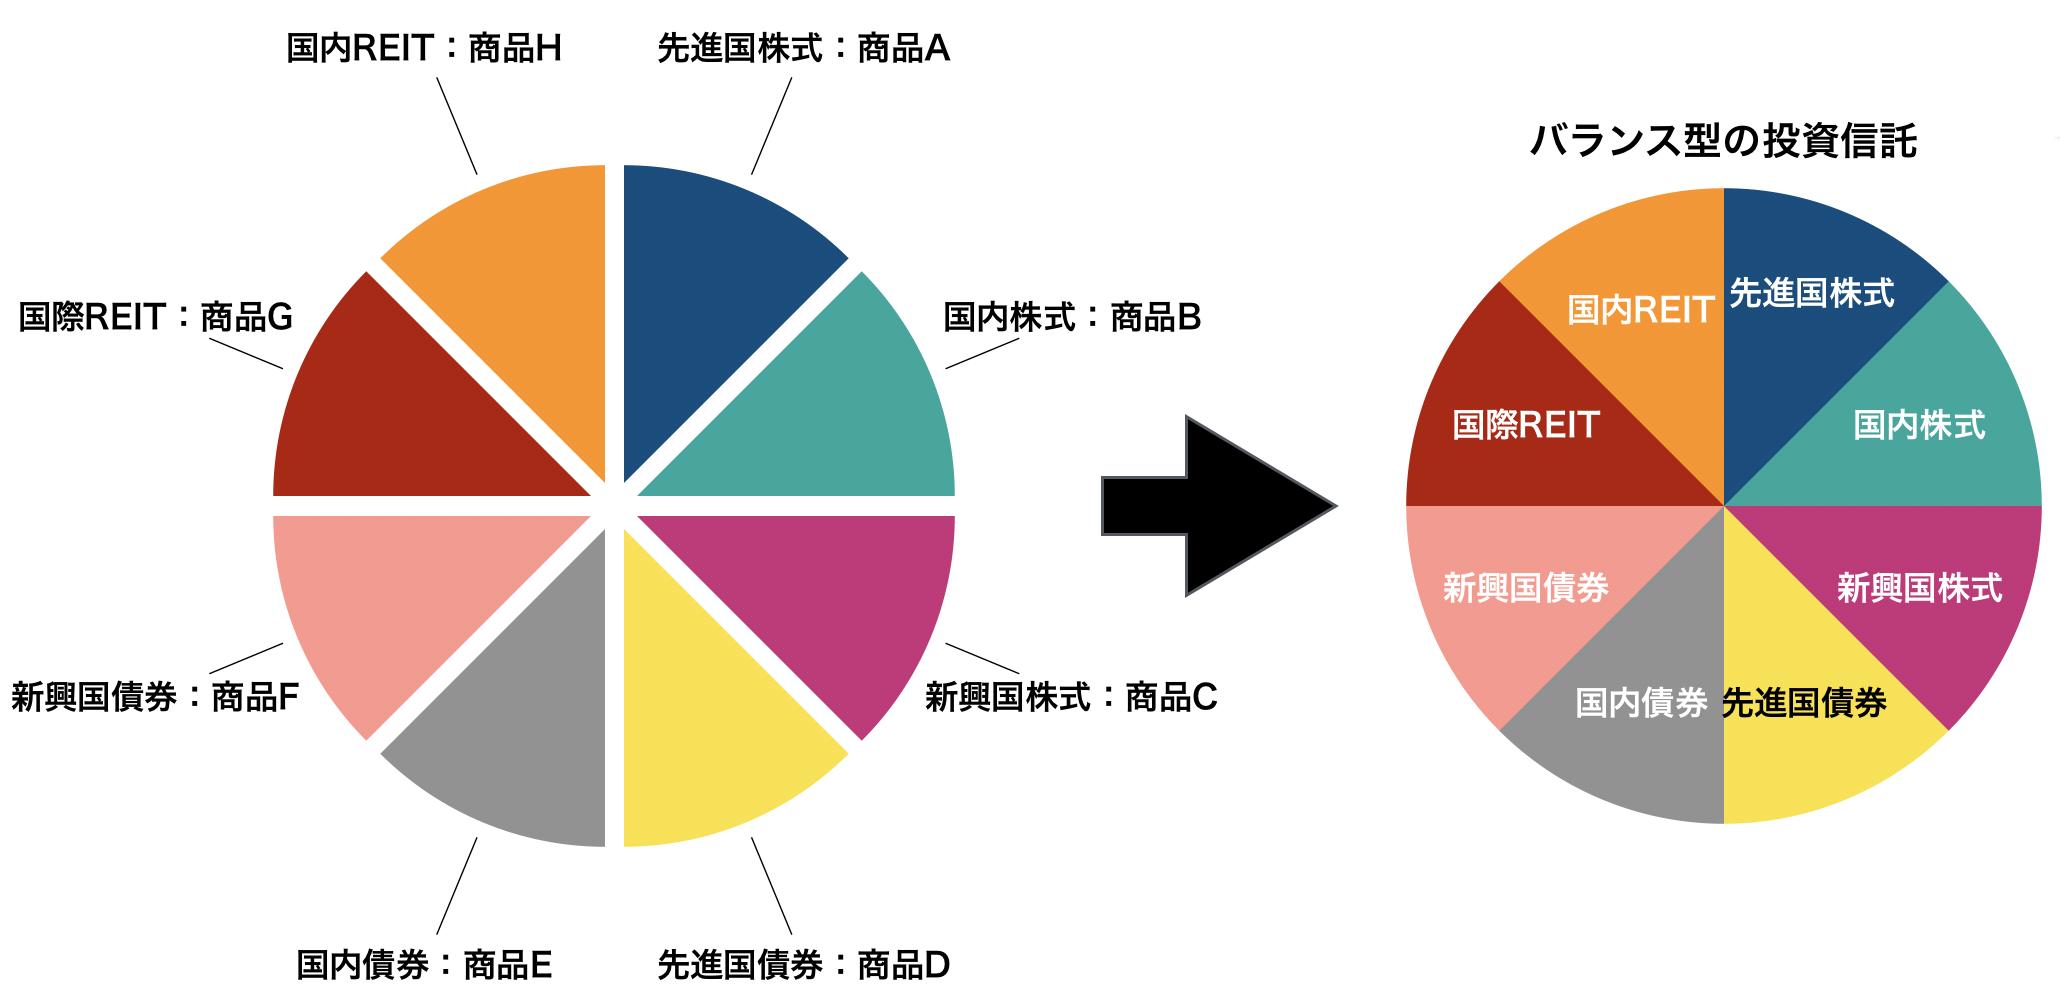 バランス型投信イメージ図